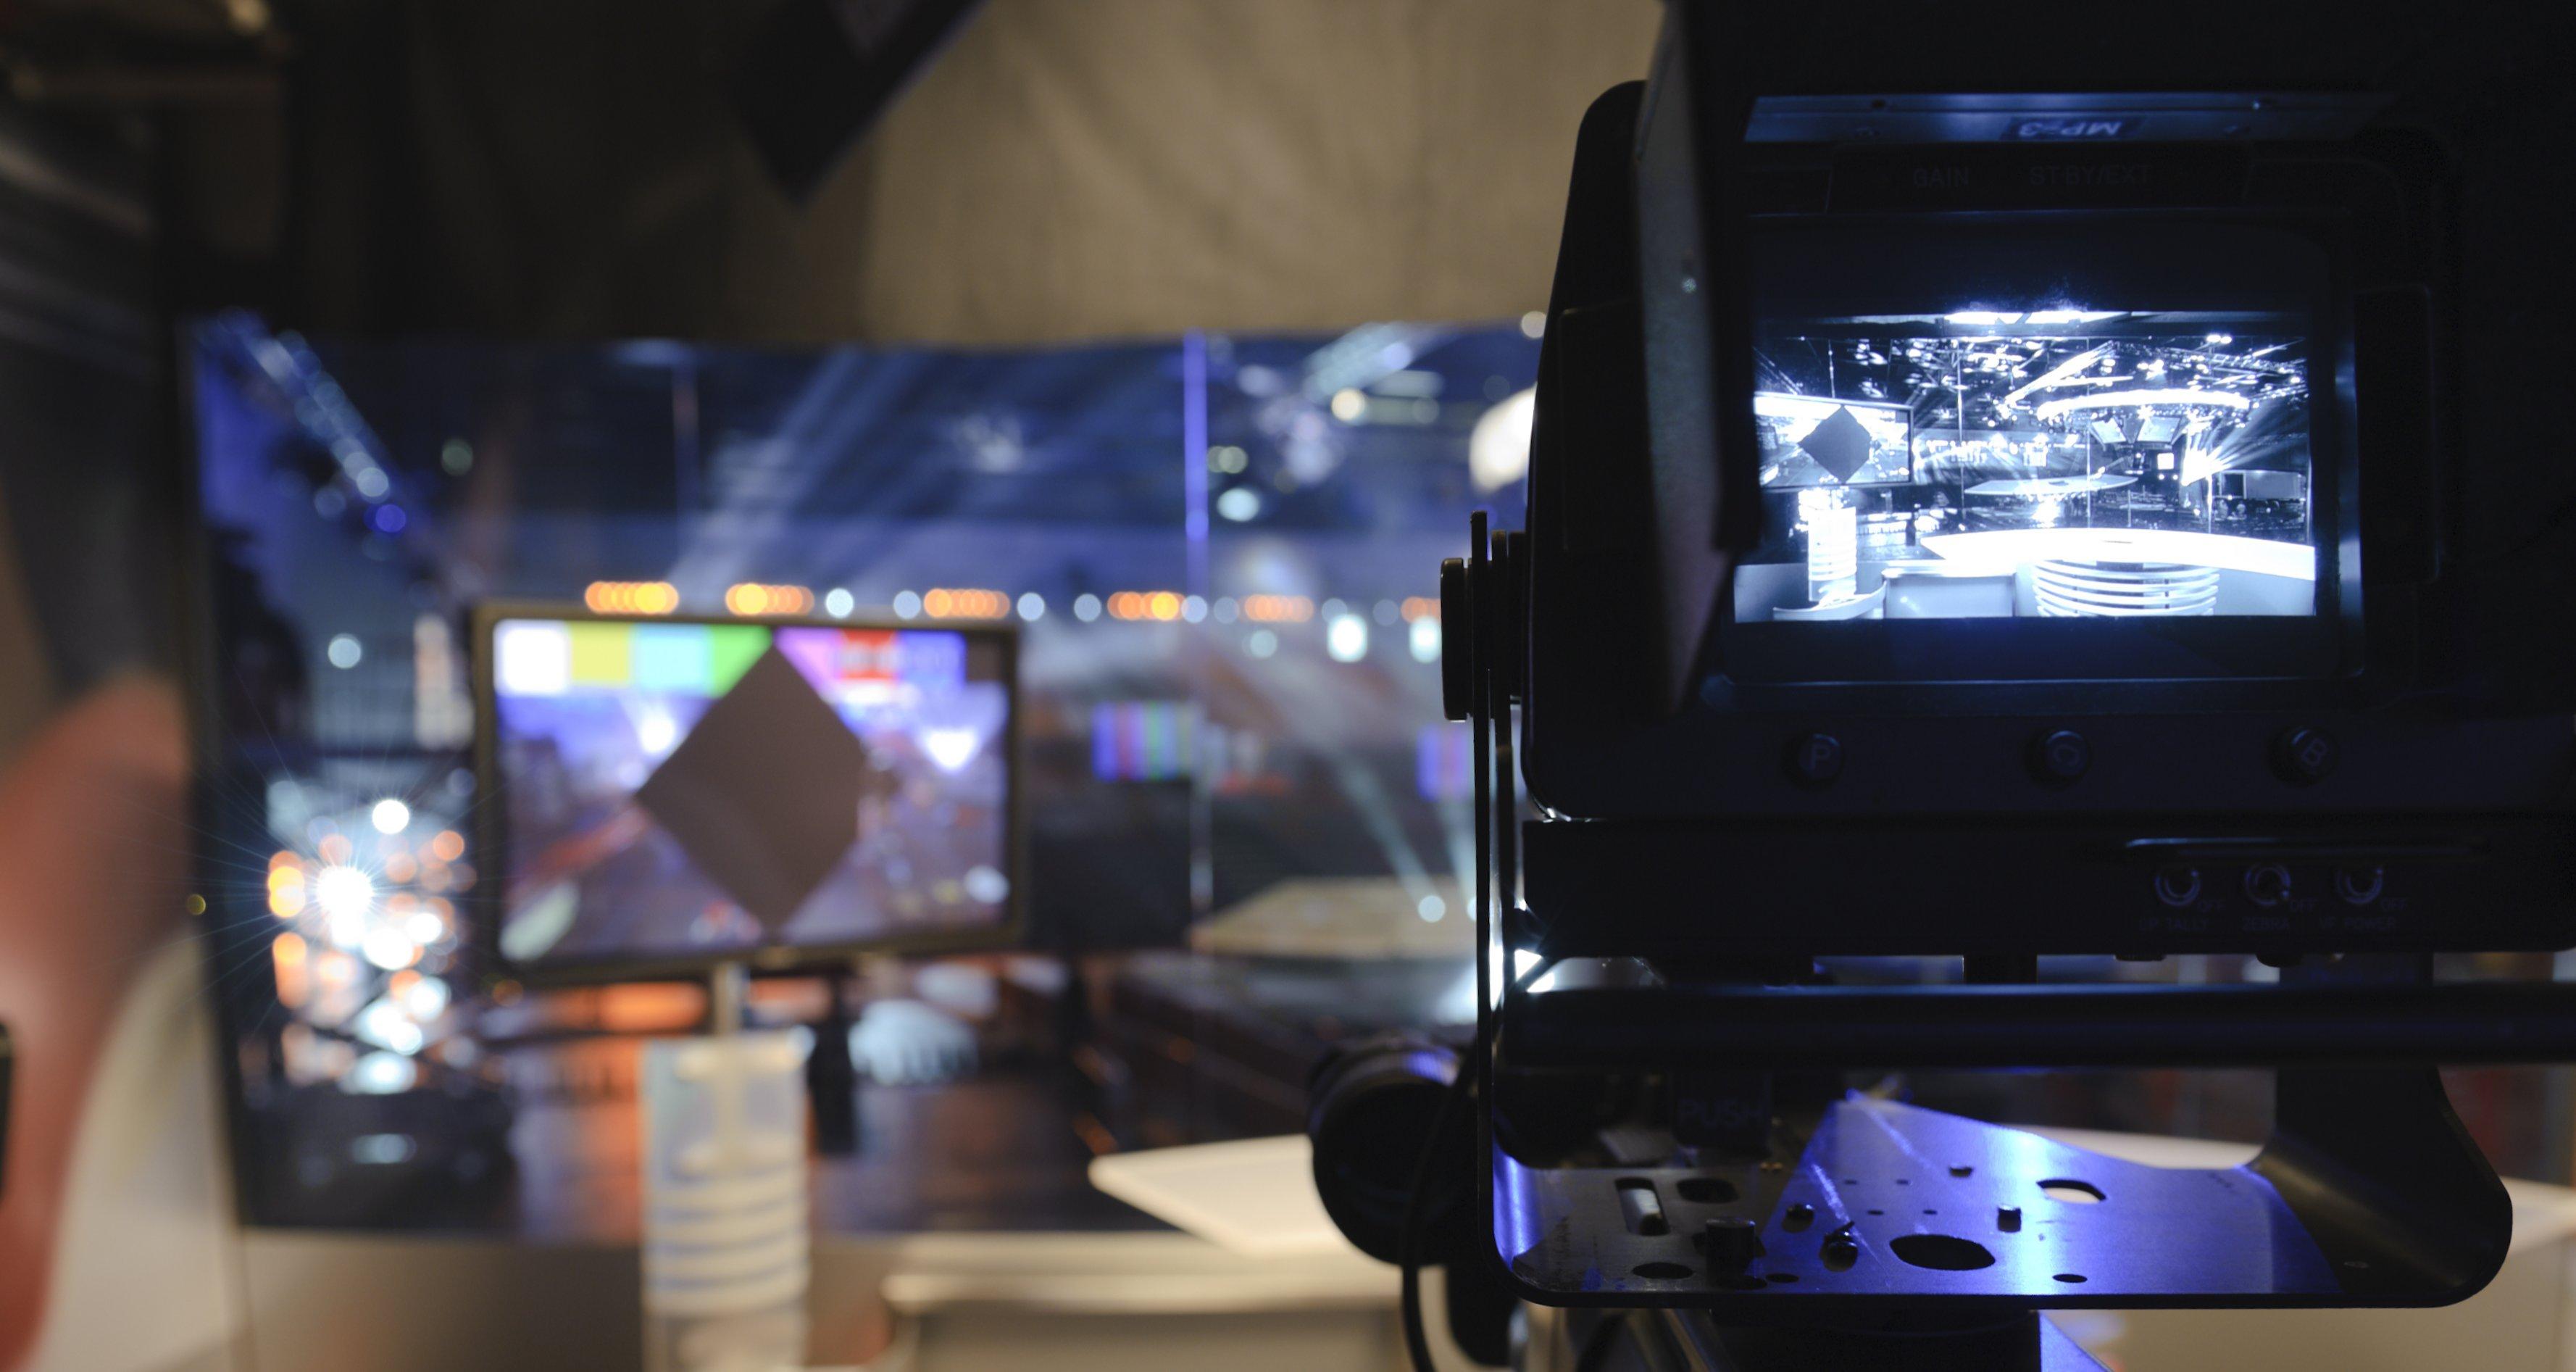 استودیوی تلویزیونی (© freie kreation / Shutterstock)